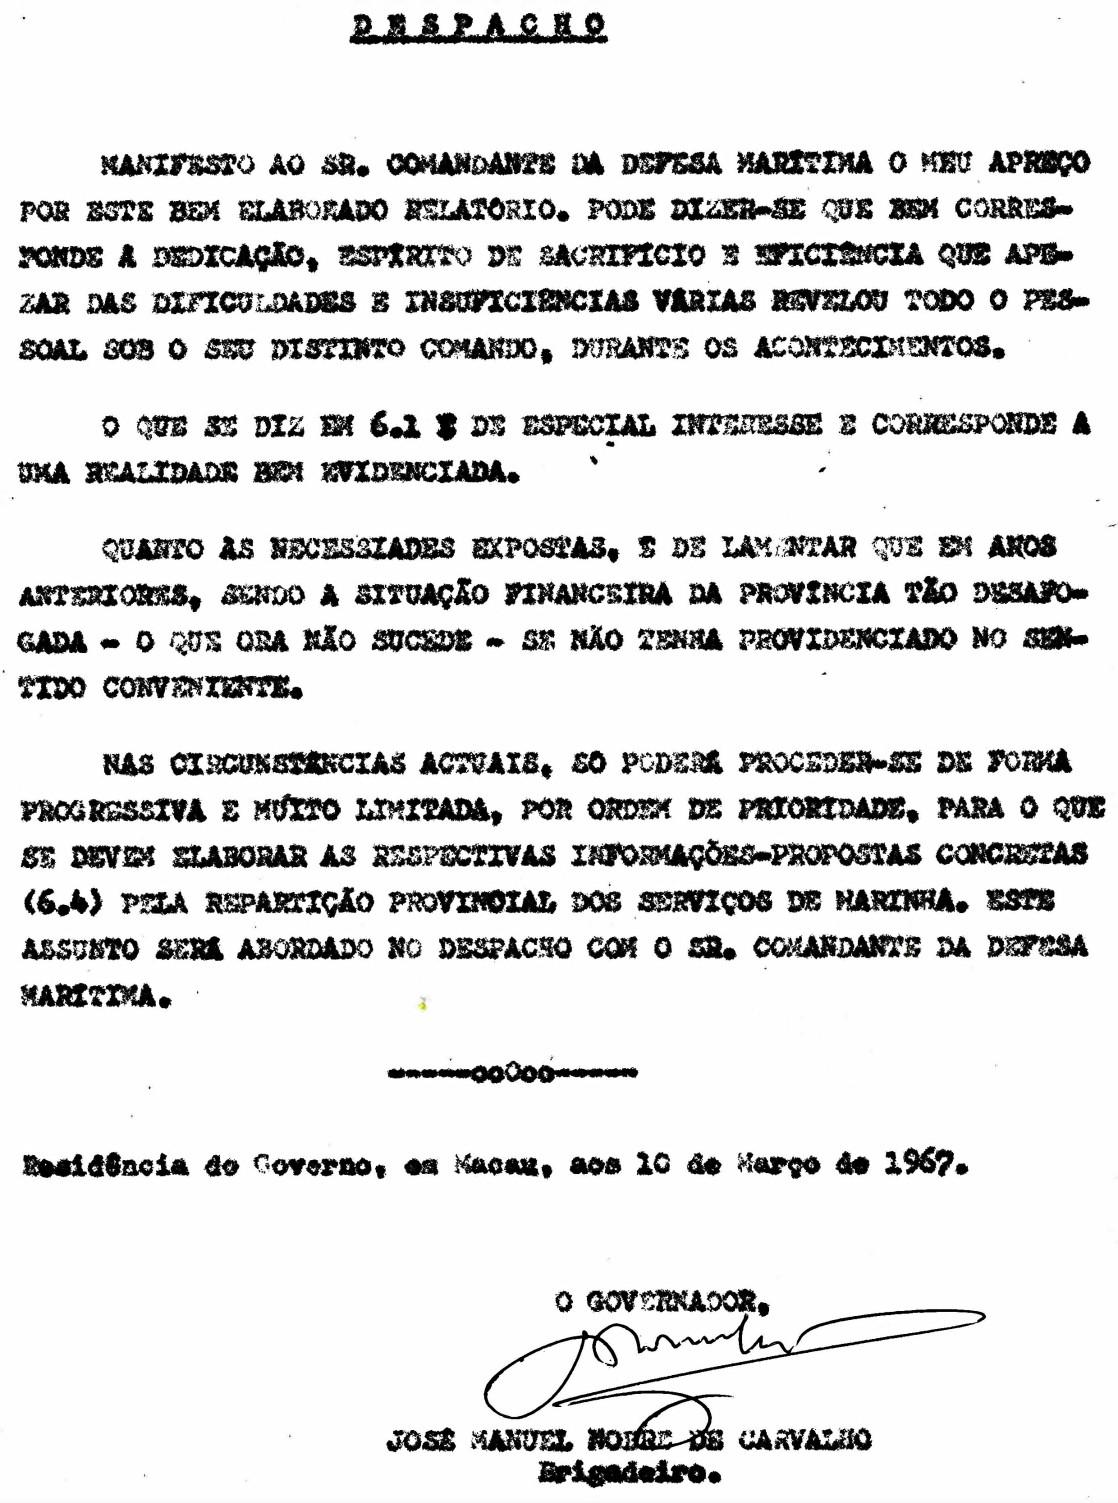 00493 967-03-10 despacho do Governador sobre o meu relatório referente à participação da Marinha durante os acontecimentos